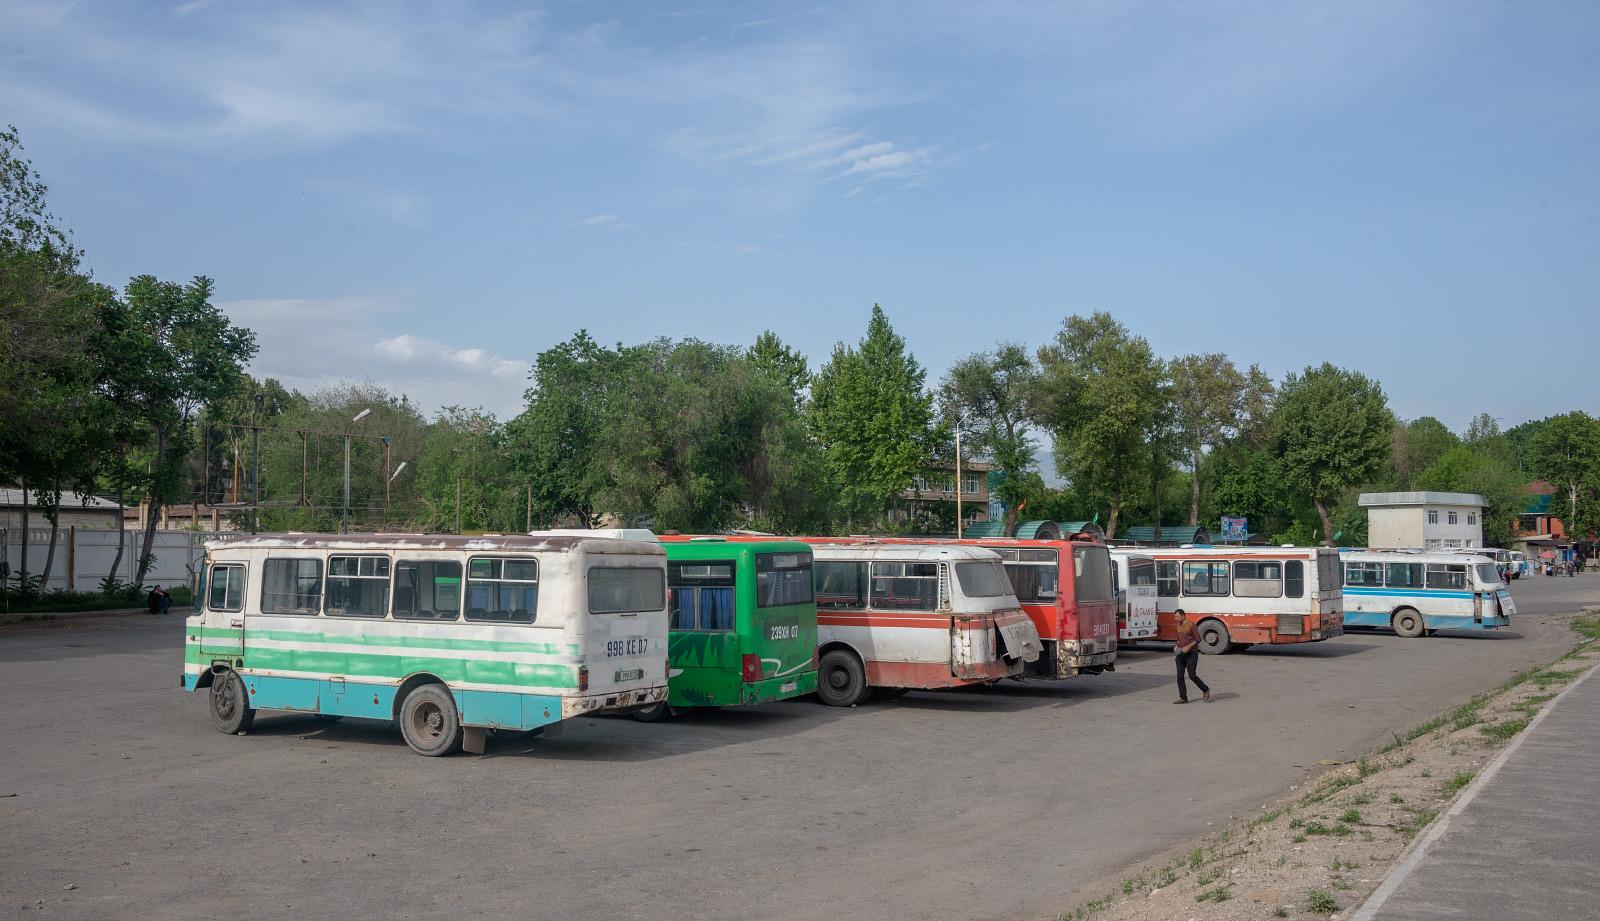 Таджикистан-3205 #998 XE 07. Таджикістан, Турсунзаде